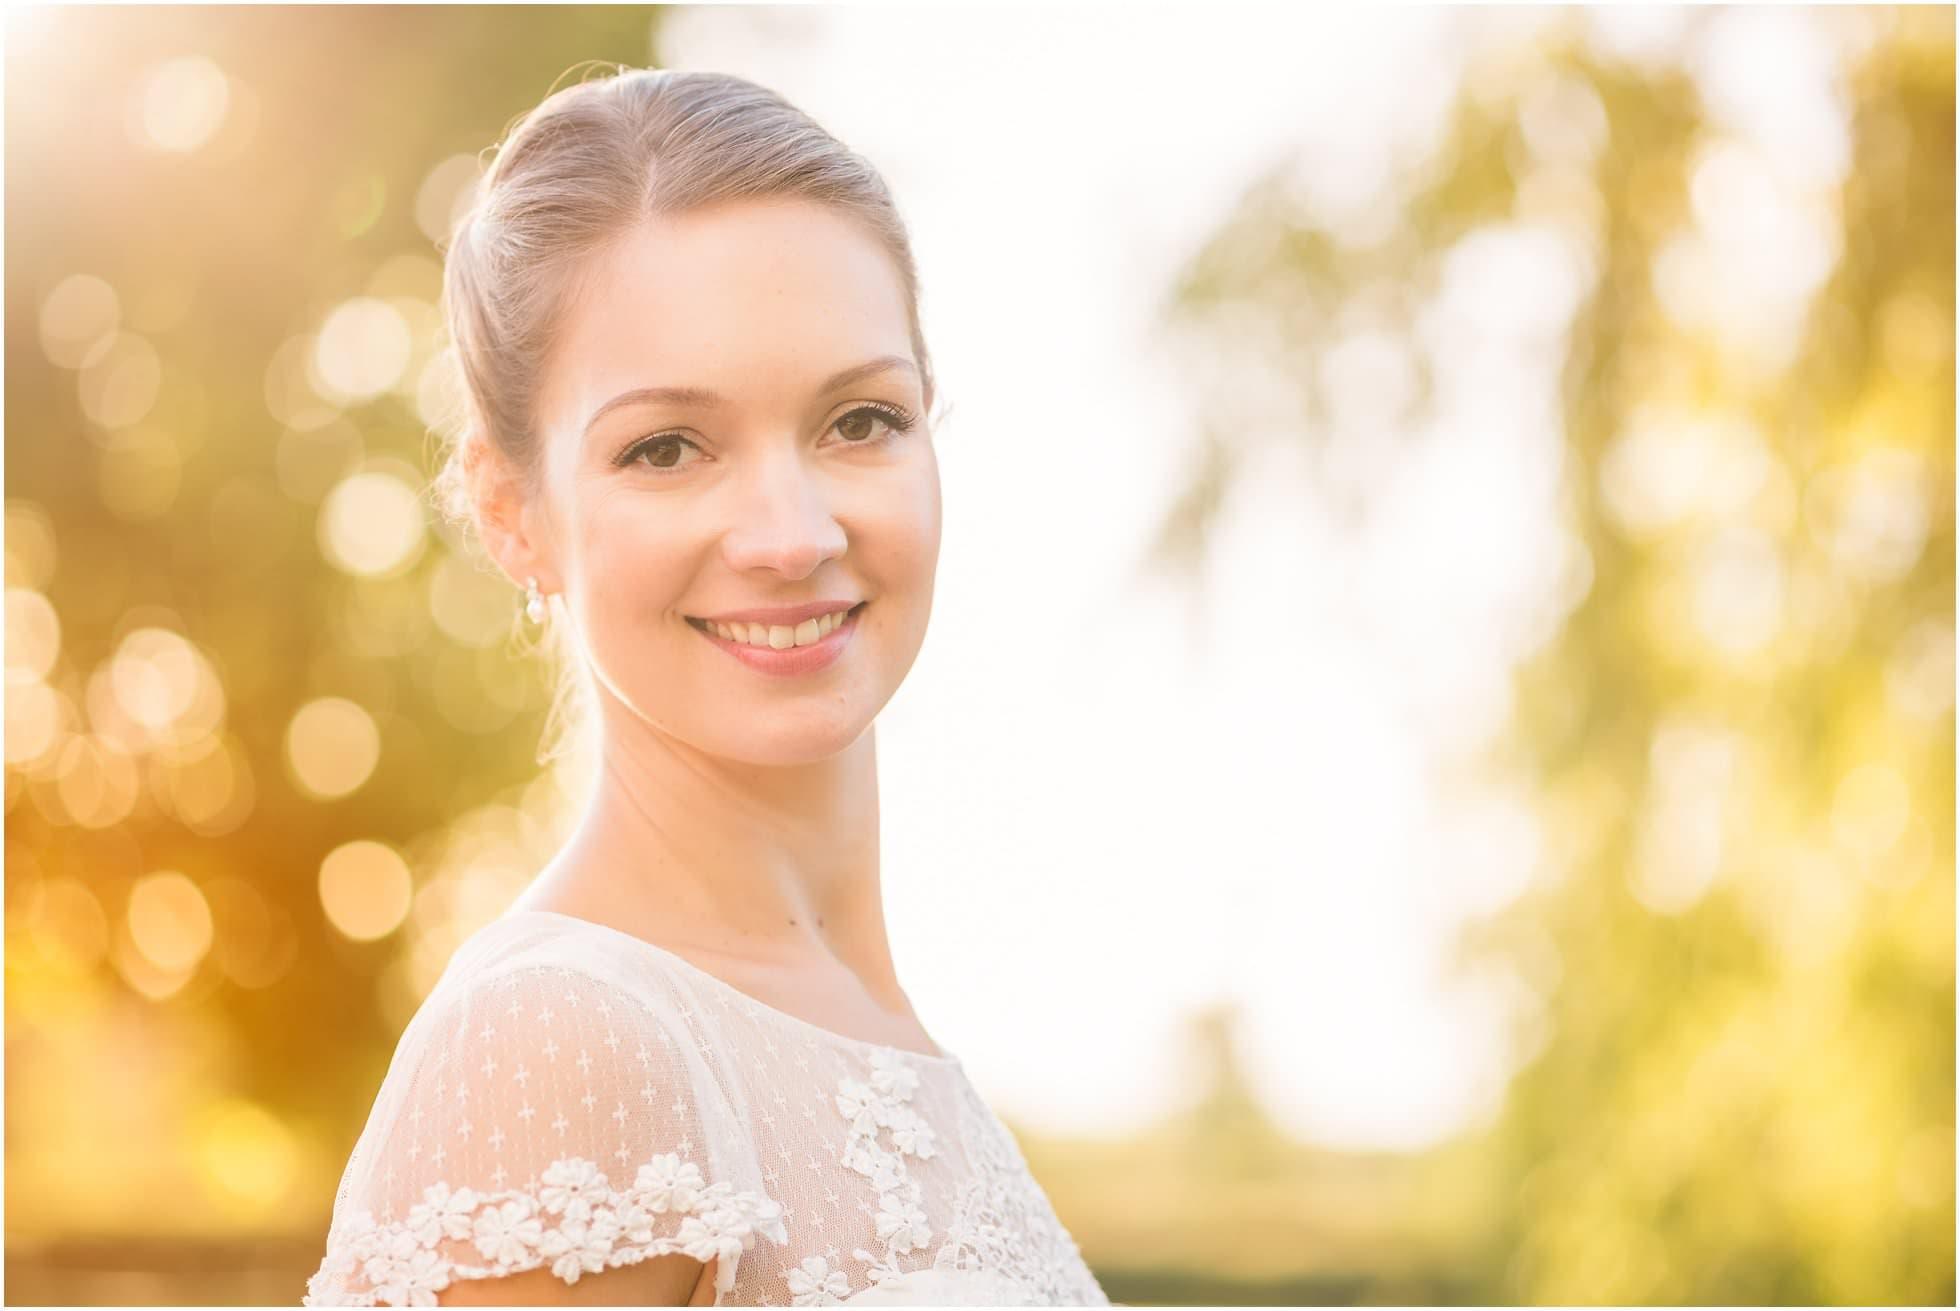 A stunning Suffolk bride